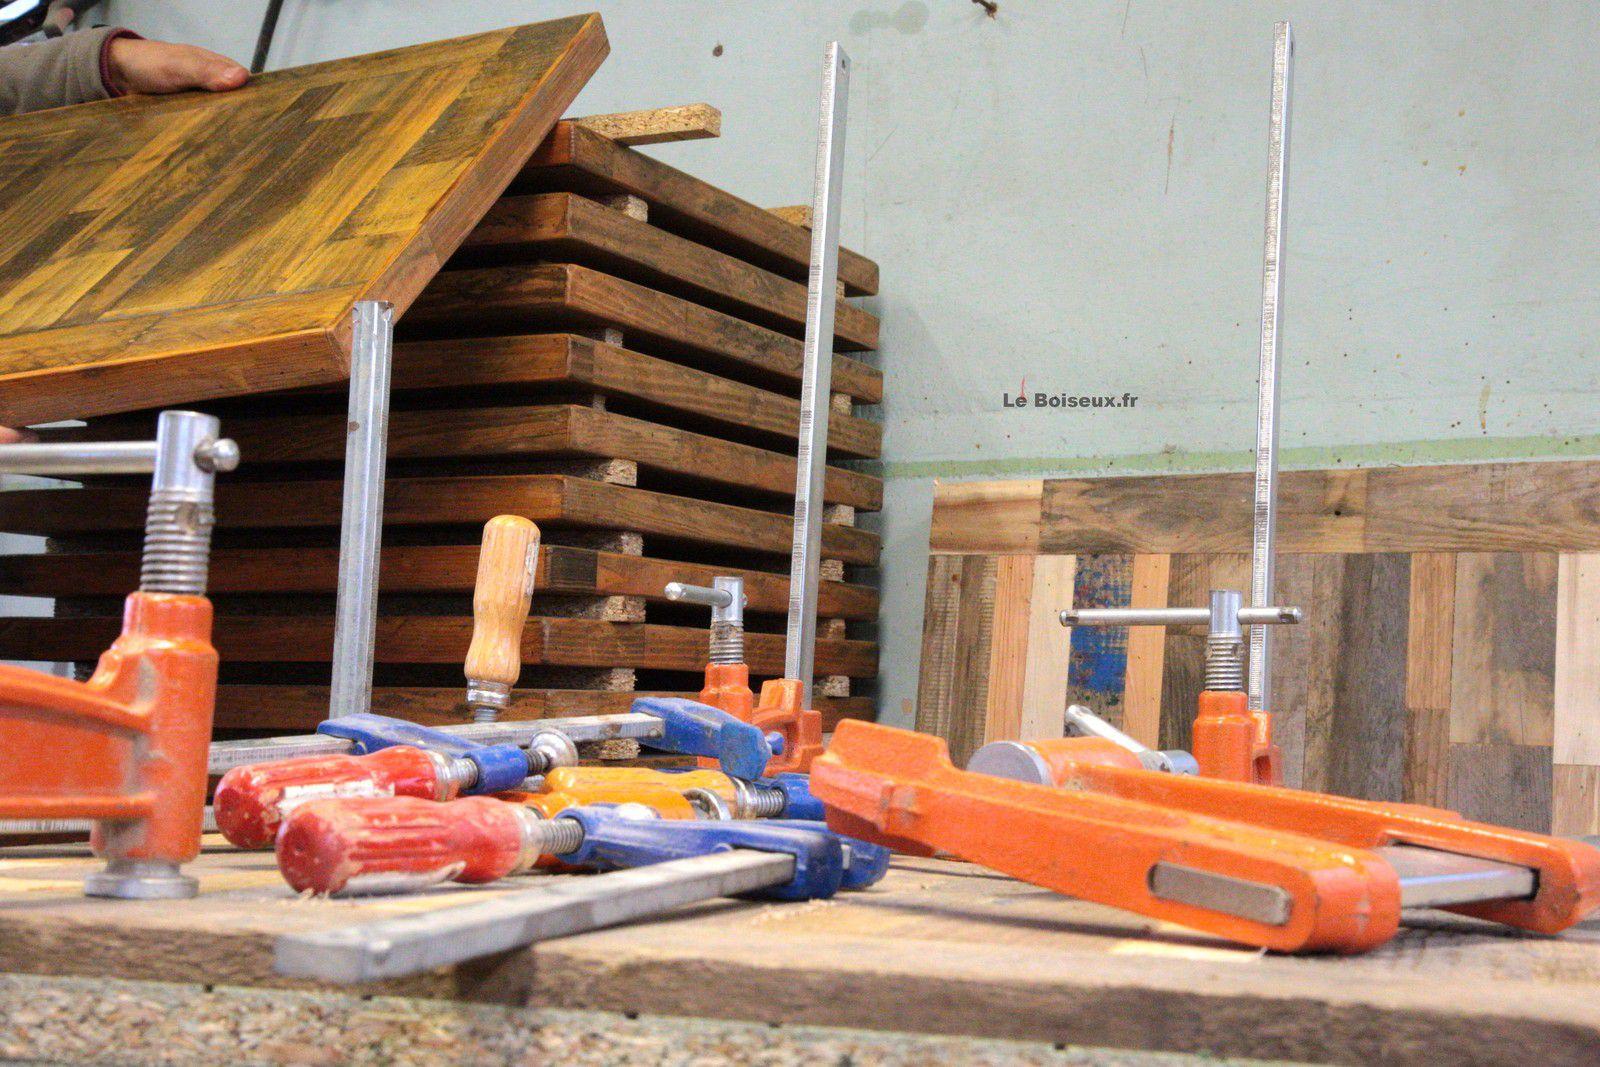 Le Boiseux encourage les essences de bois à affirmer leurs patines respectives et somme à chacune des planches de conserver son aspect brut, sombre et bourru.